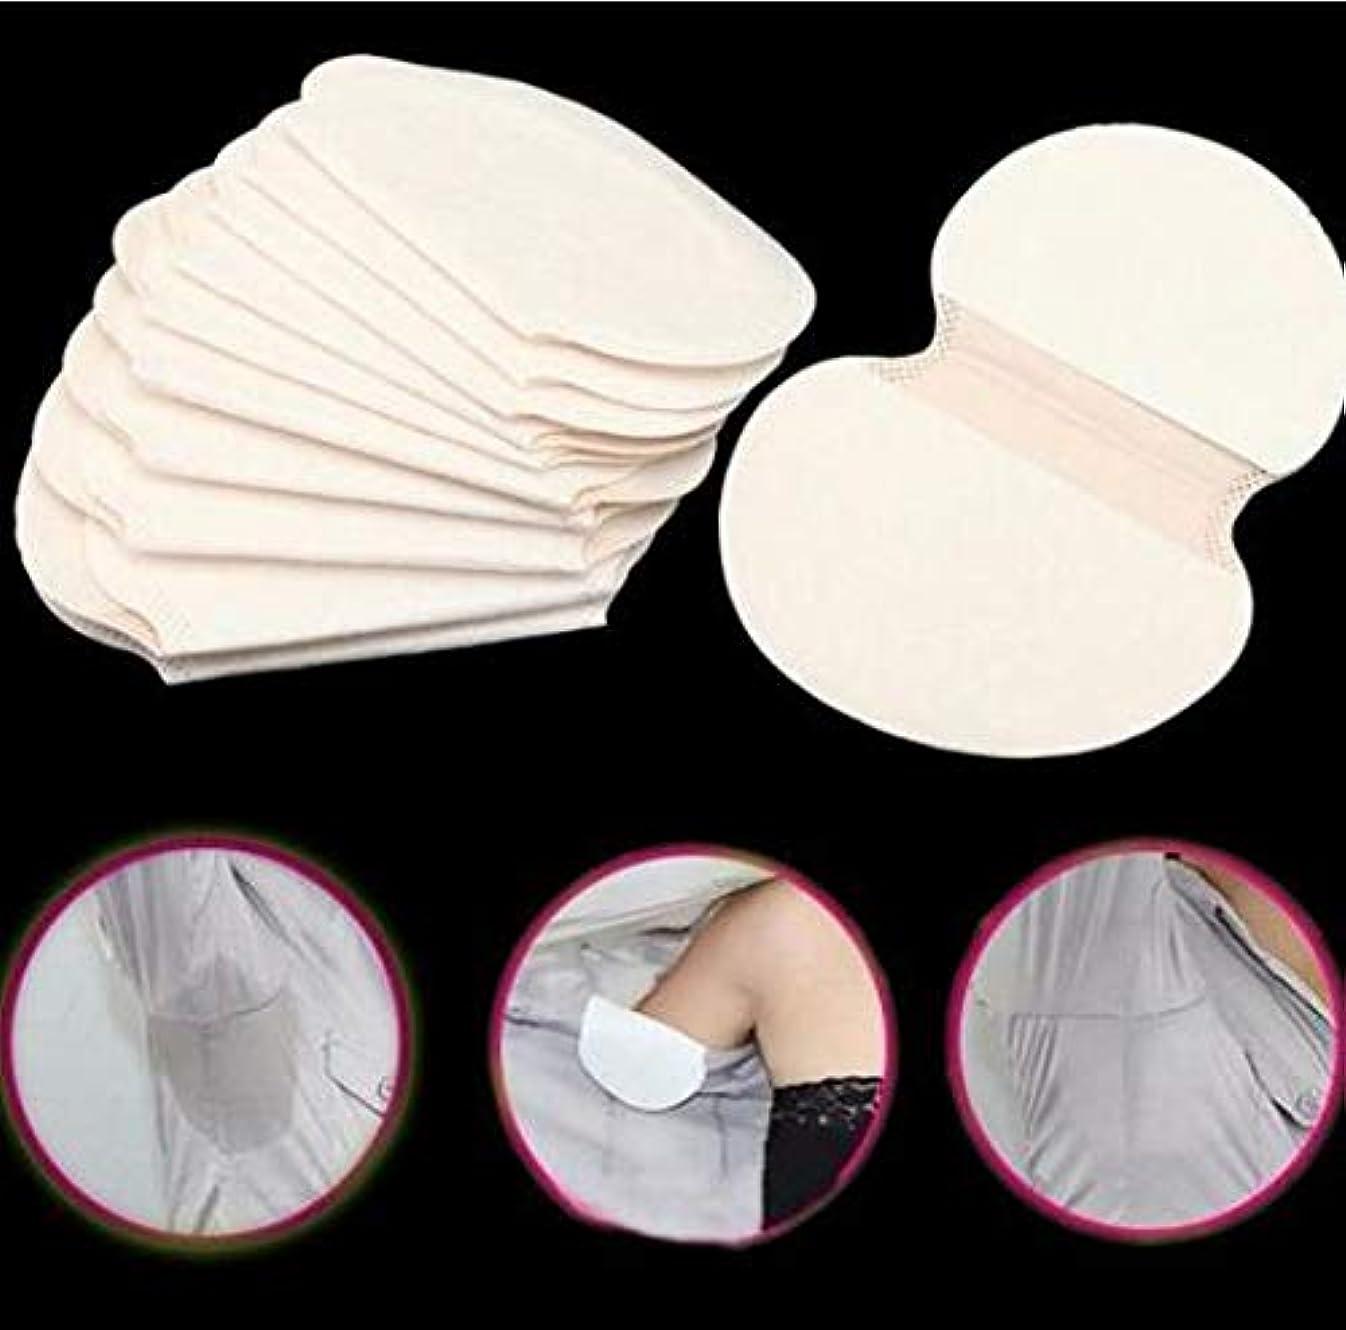 充電波紋スマイル100ピース/ロット使い捨て脇の下脇の下汗パッド抗汗消臭汗吸収パッドドレス服シールドユニセックス